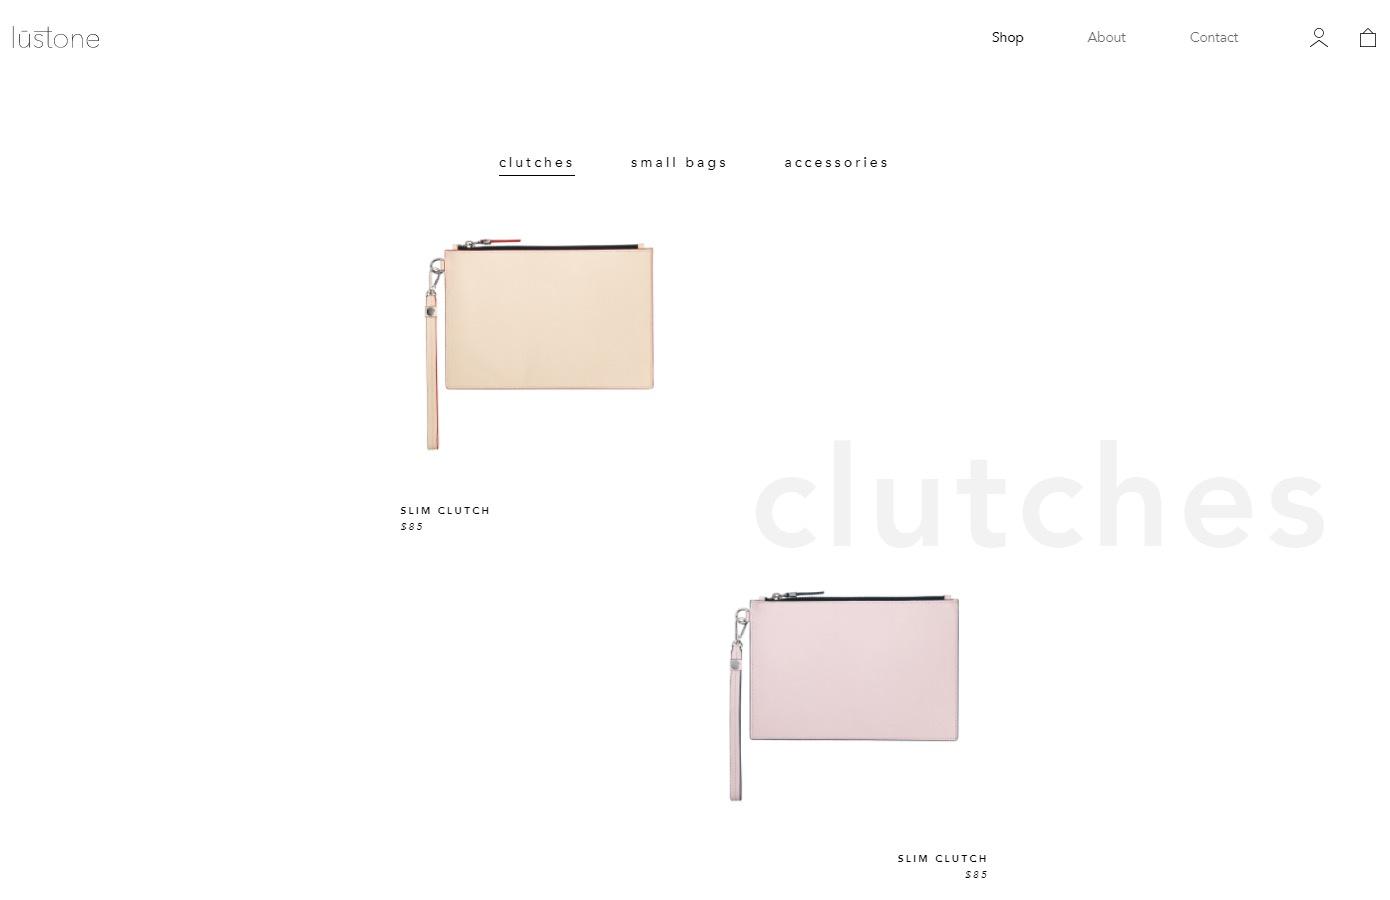 Lustone uses minimalist design to appear more elegant